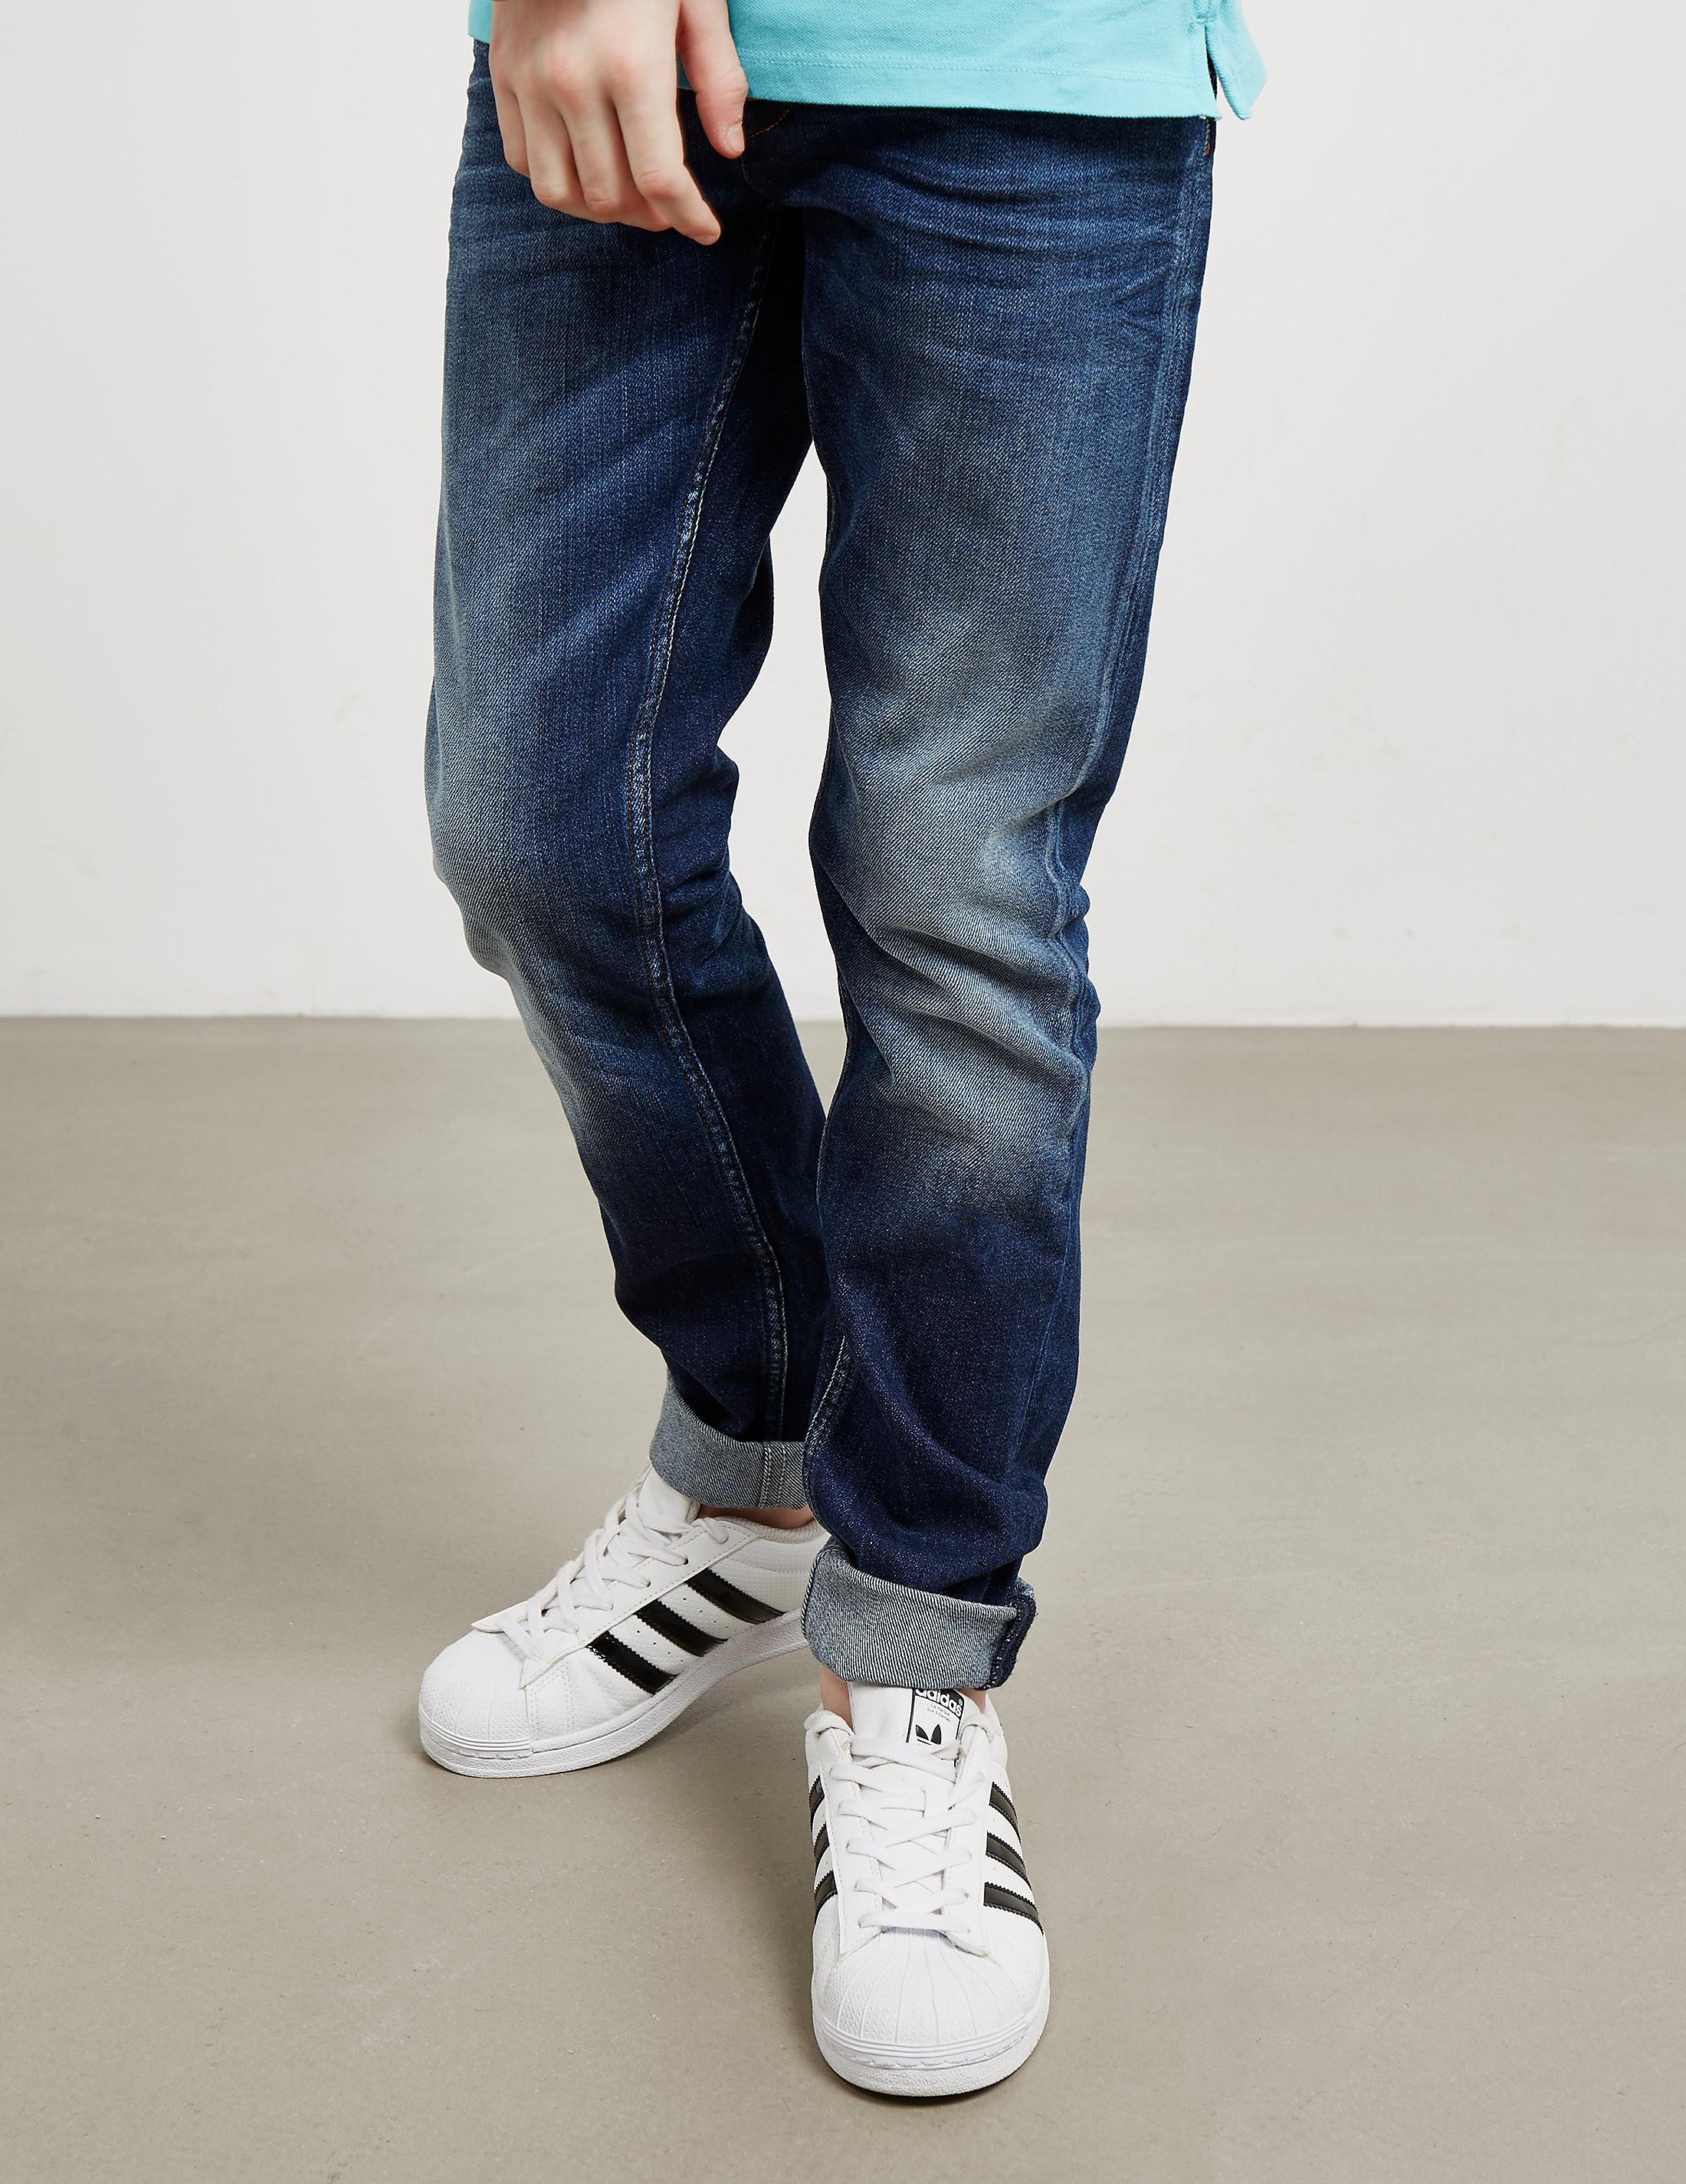 Stone Island Skinny Jeans